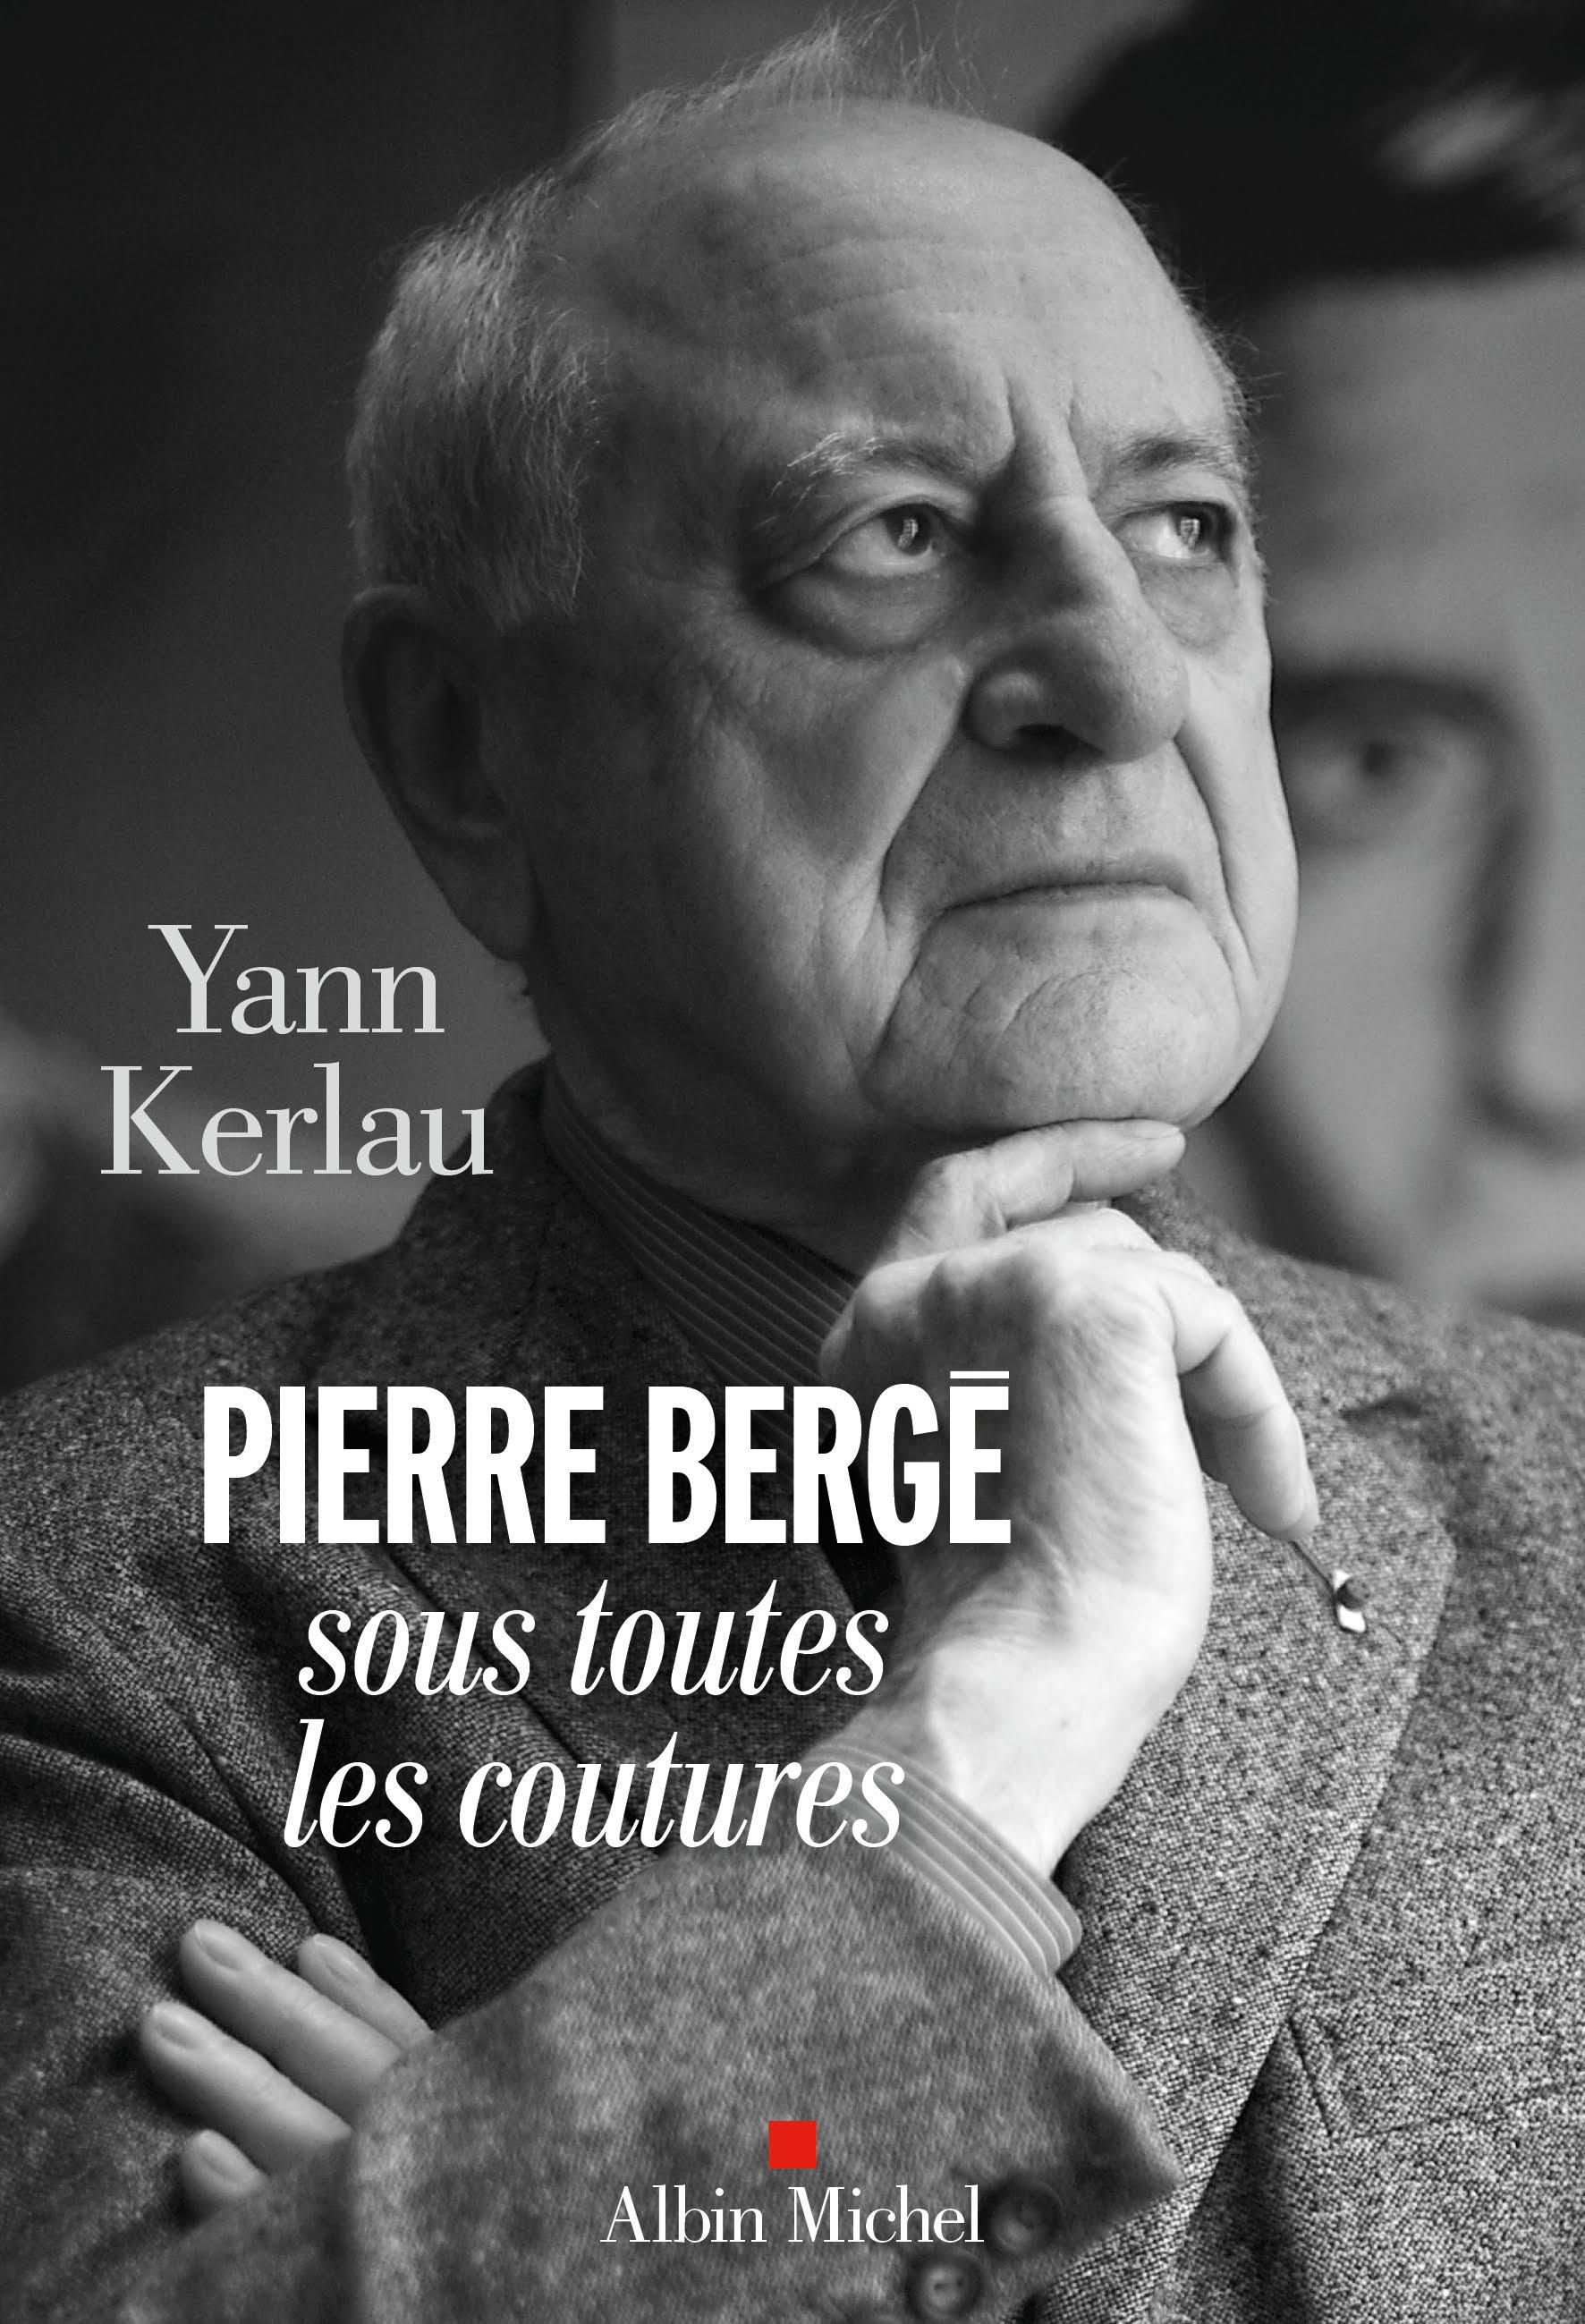 Biographie : Yann Kerlau et l'étoile de Bergé - 2